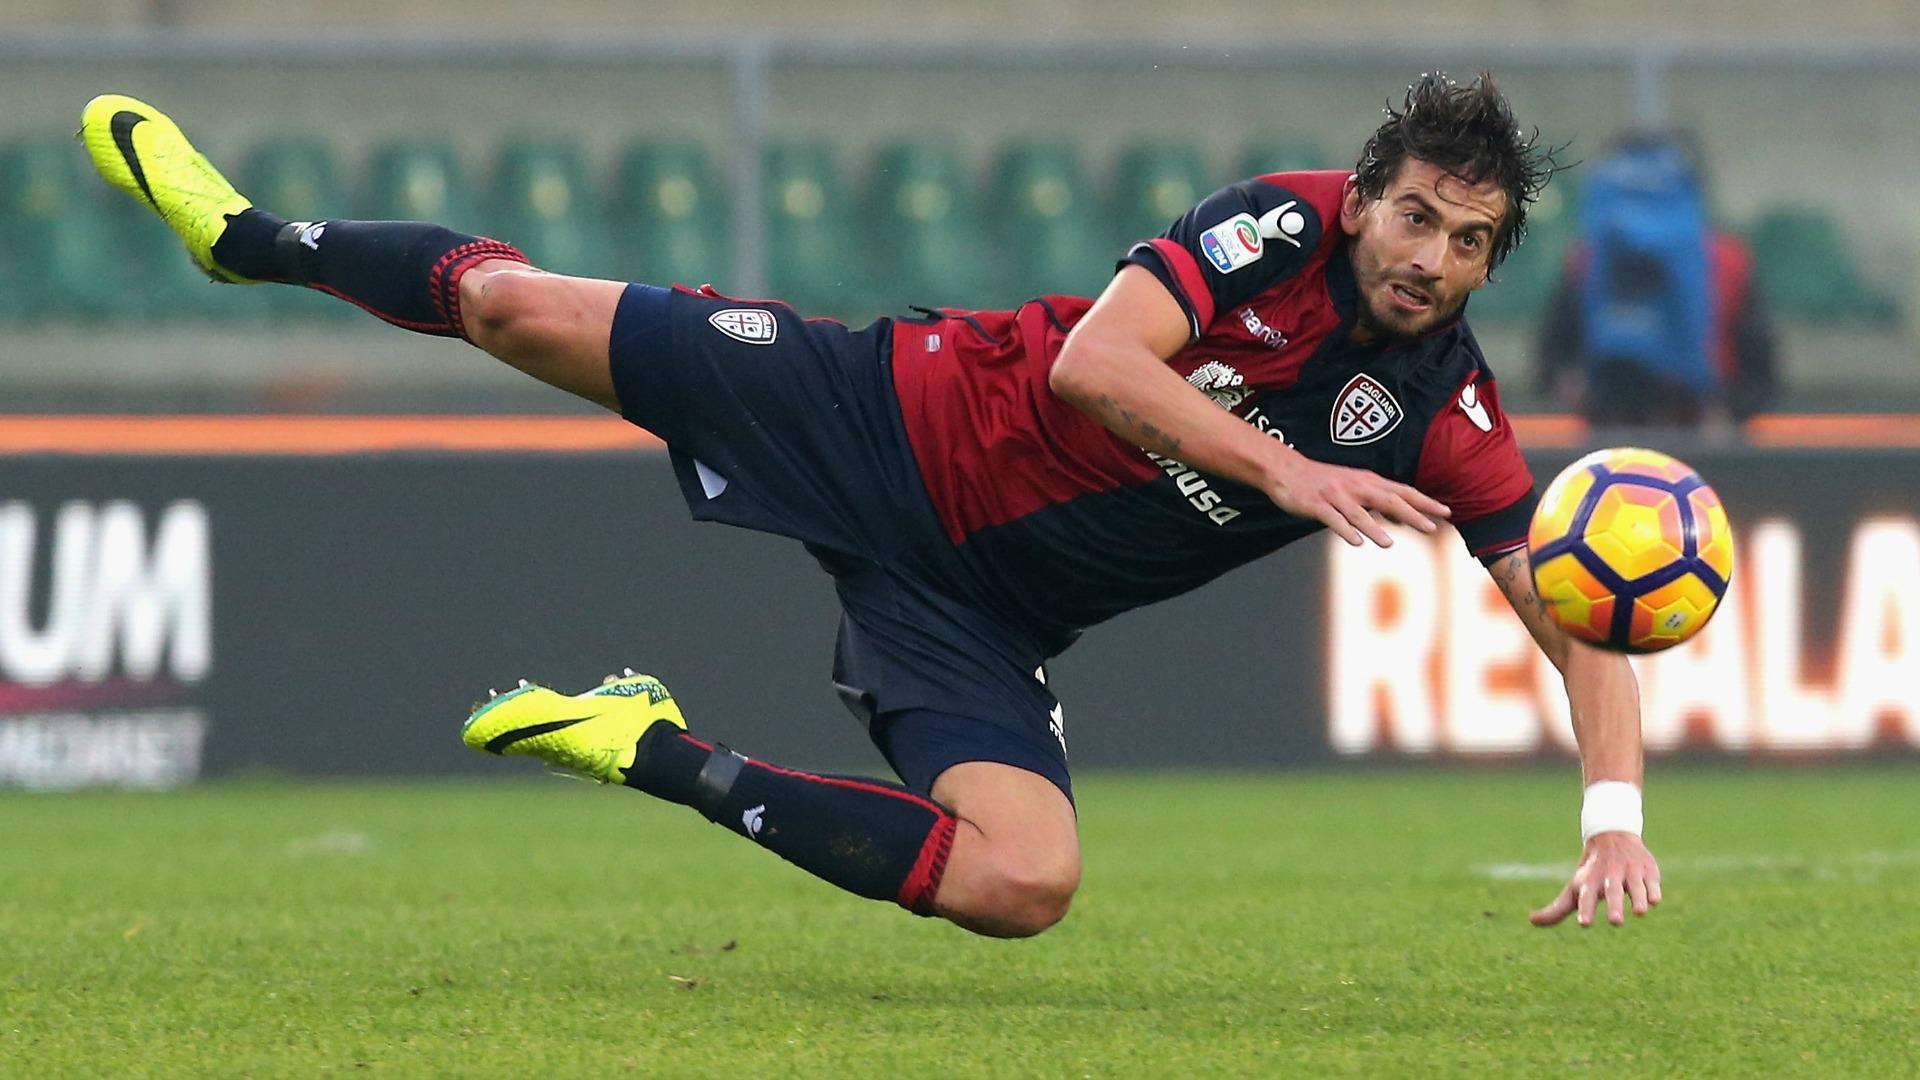 Calciomercato Cagliari, Munari saluta e torna al Parma